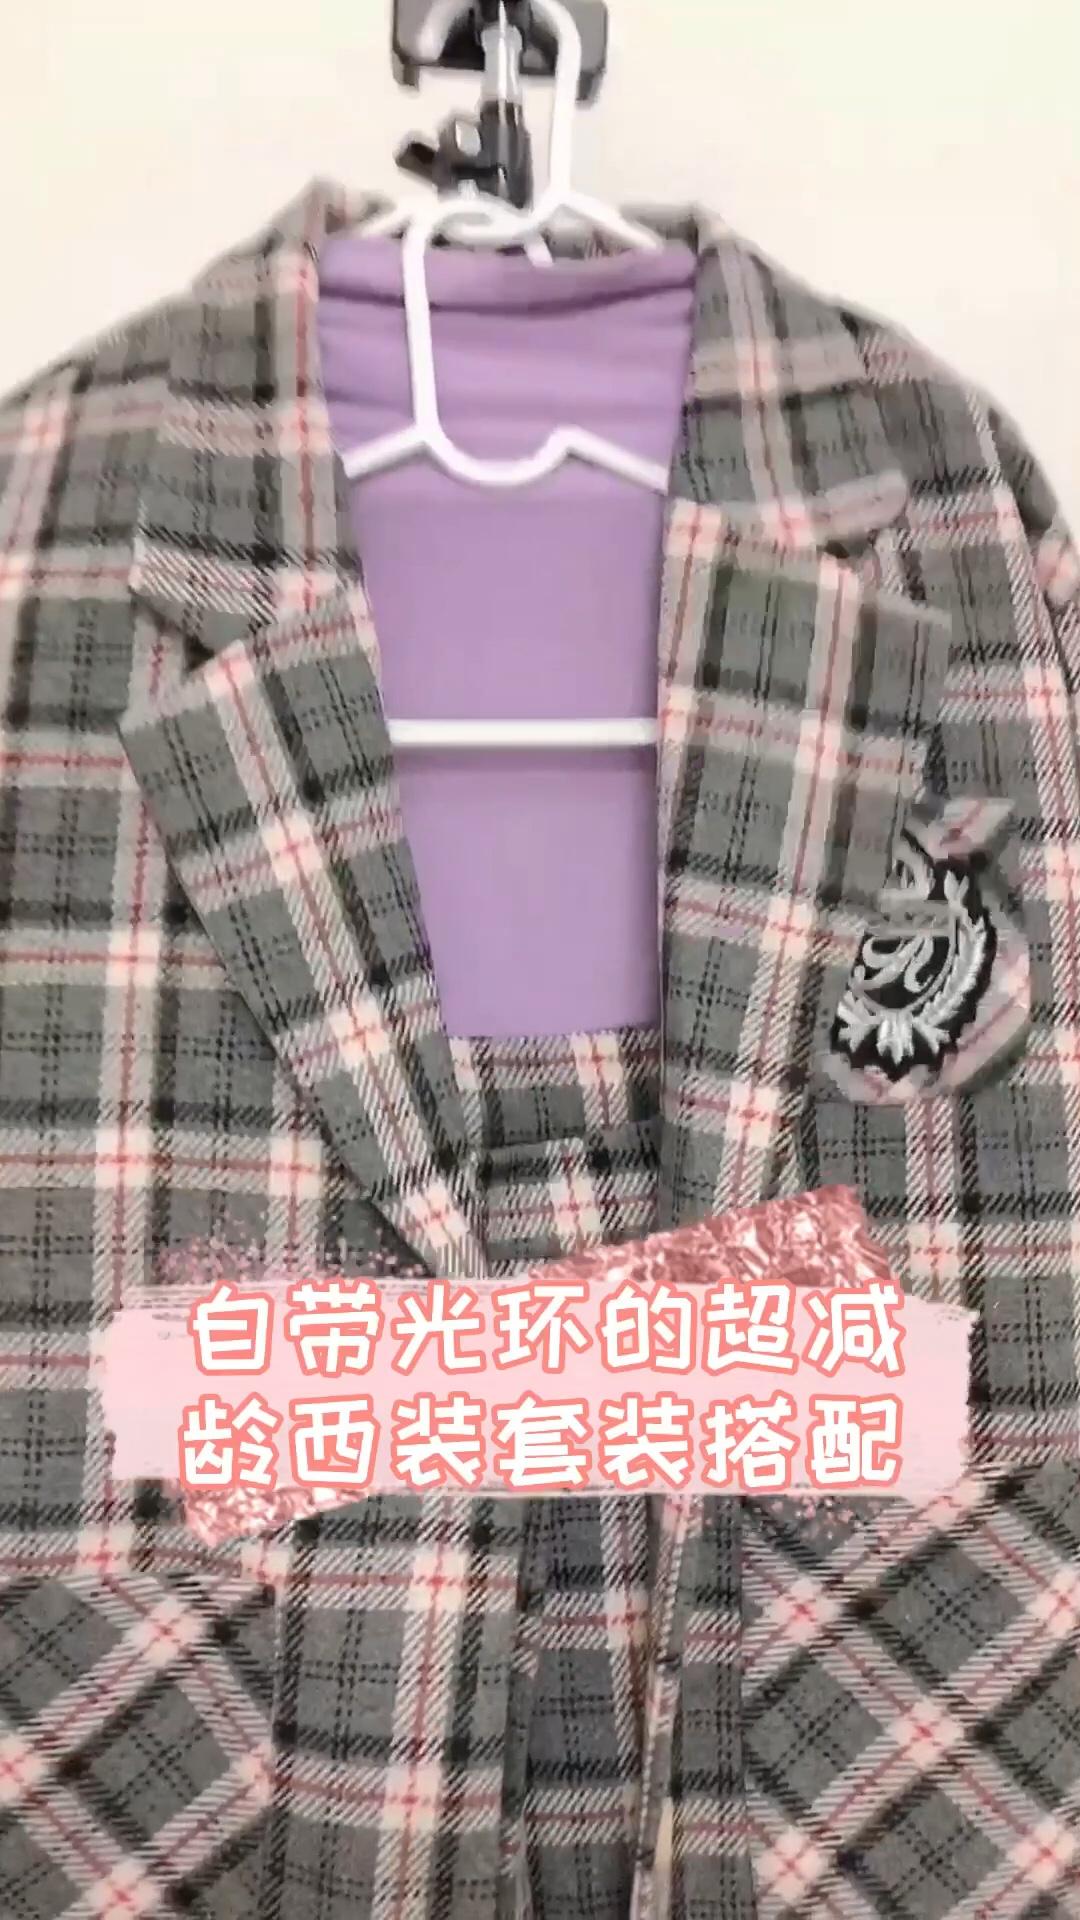 #2020必入春夏单品#